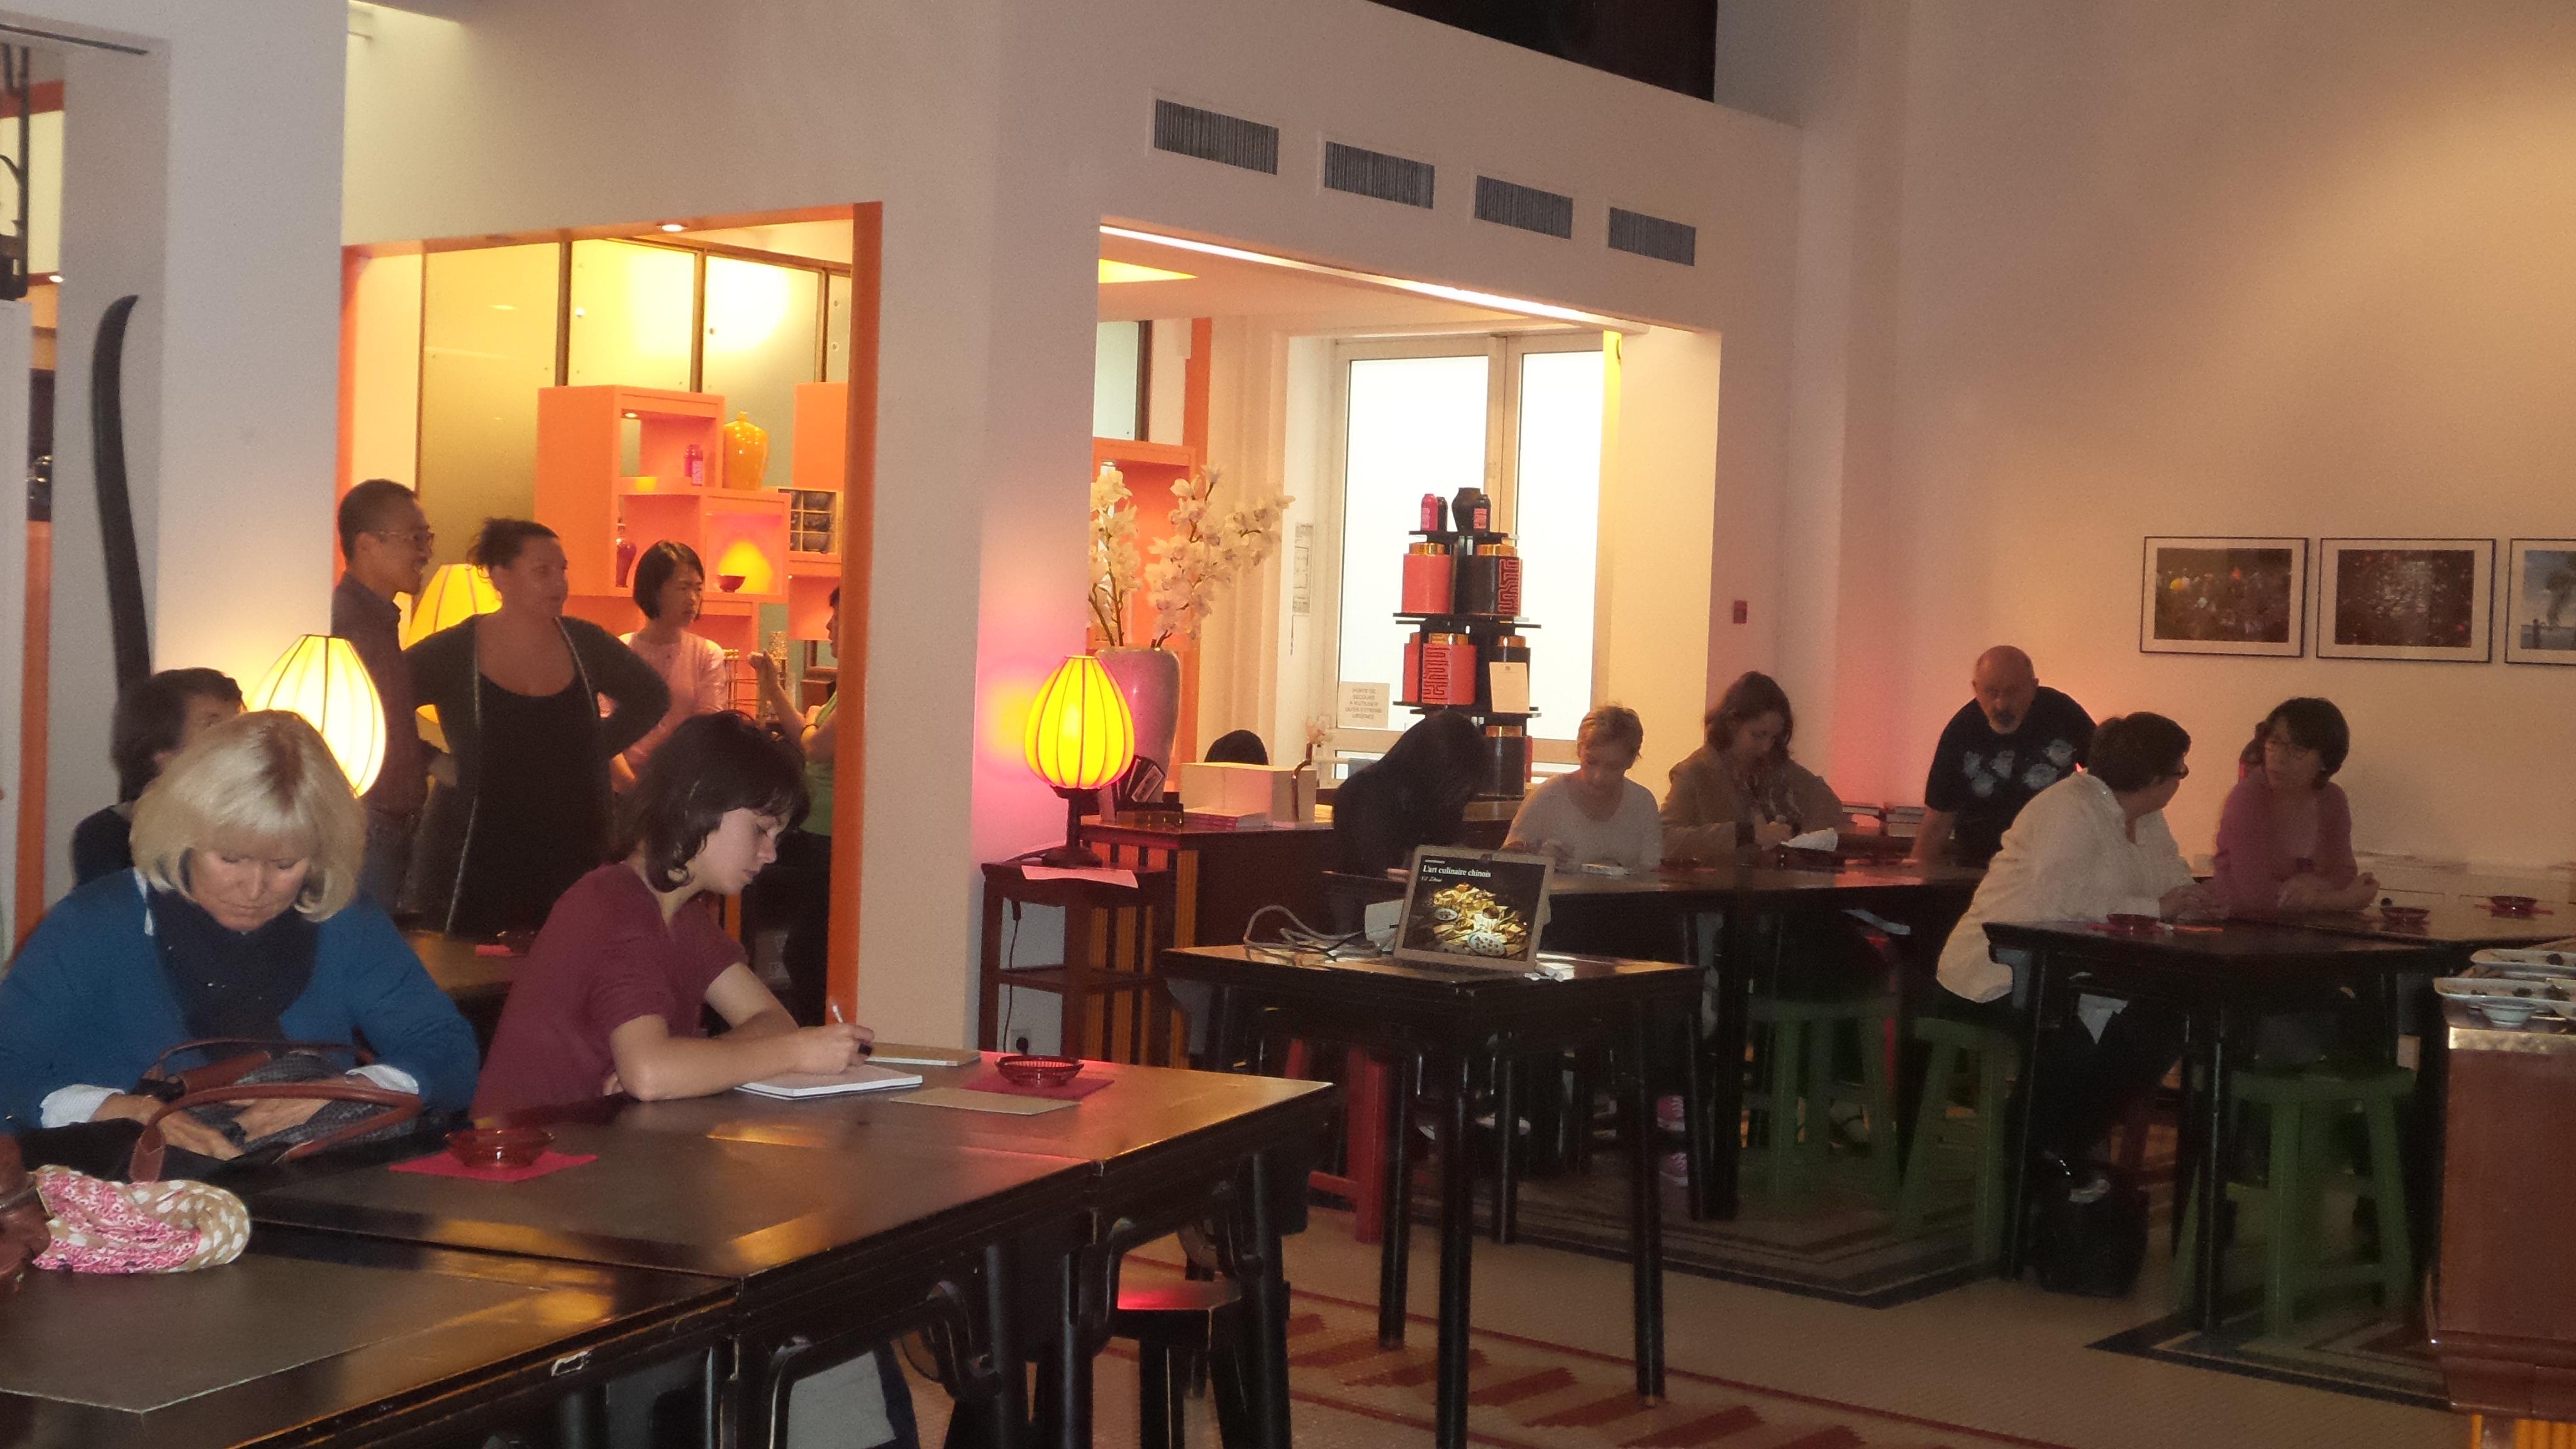 La conf rence sur l art du th la maison de la chine - Maison de la chine paris ...